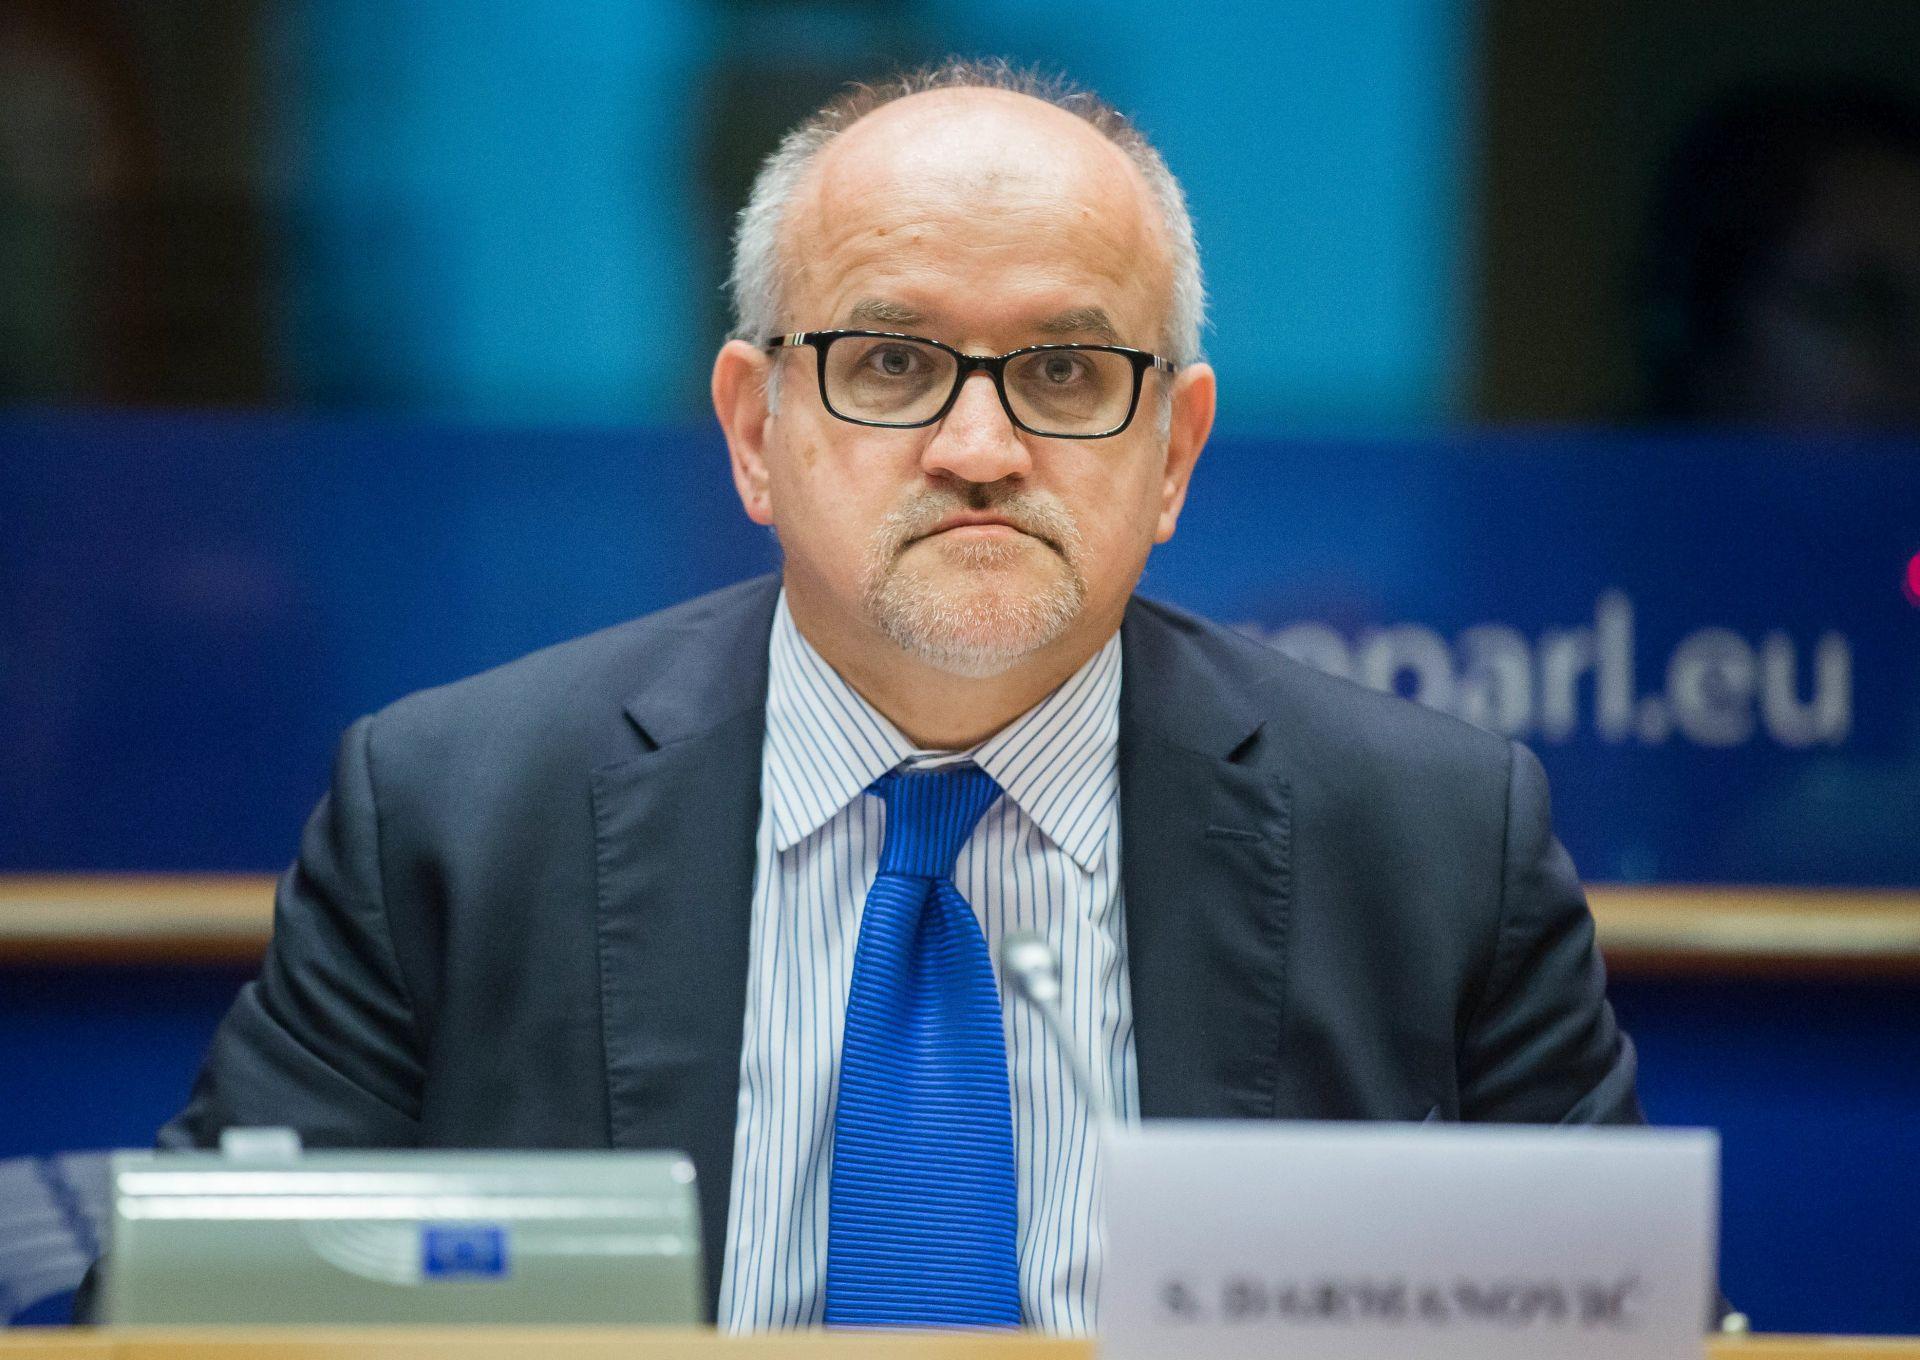 BRUXELLES: Crna Gora neće biti punopravna članica NATO-a na sljedećem summitu